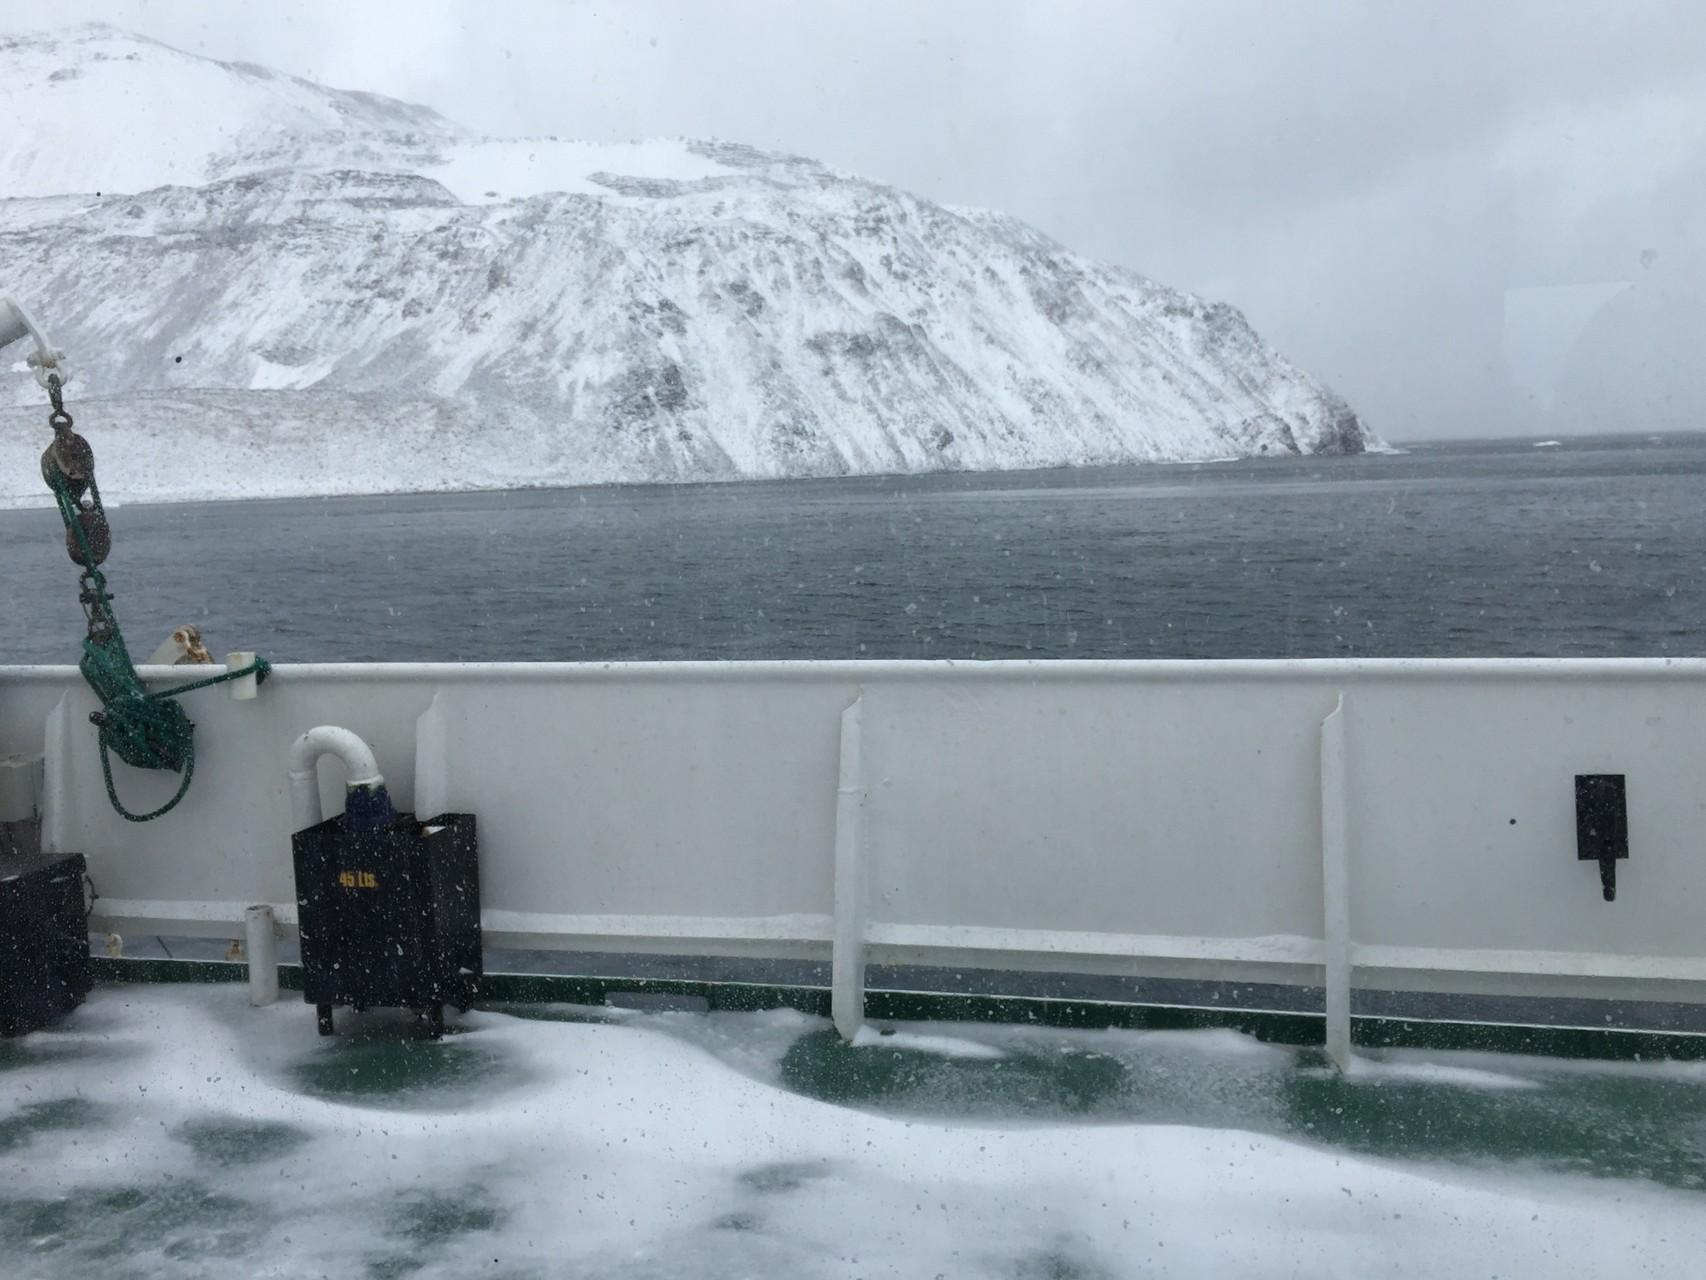 Es hat geschneit und die Paulet Insel liegt vor uns